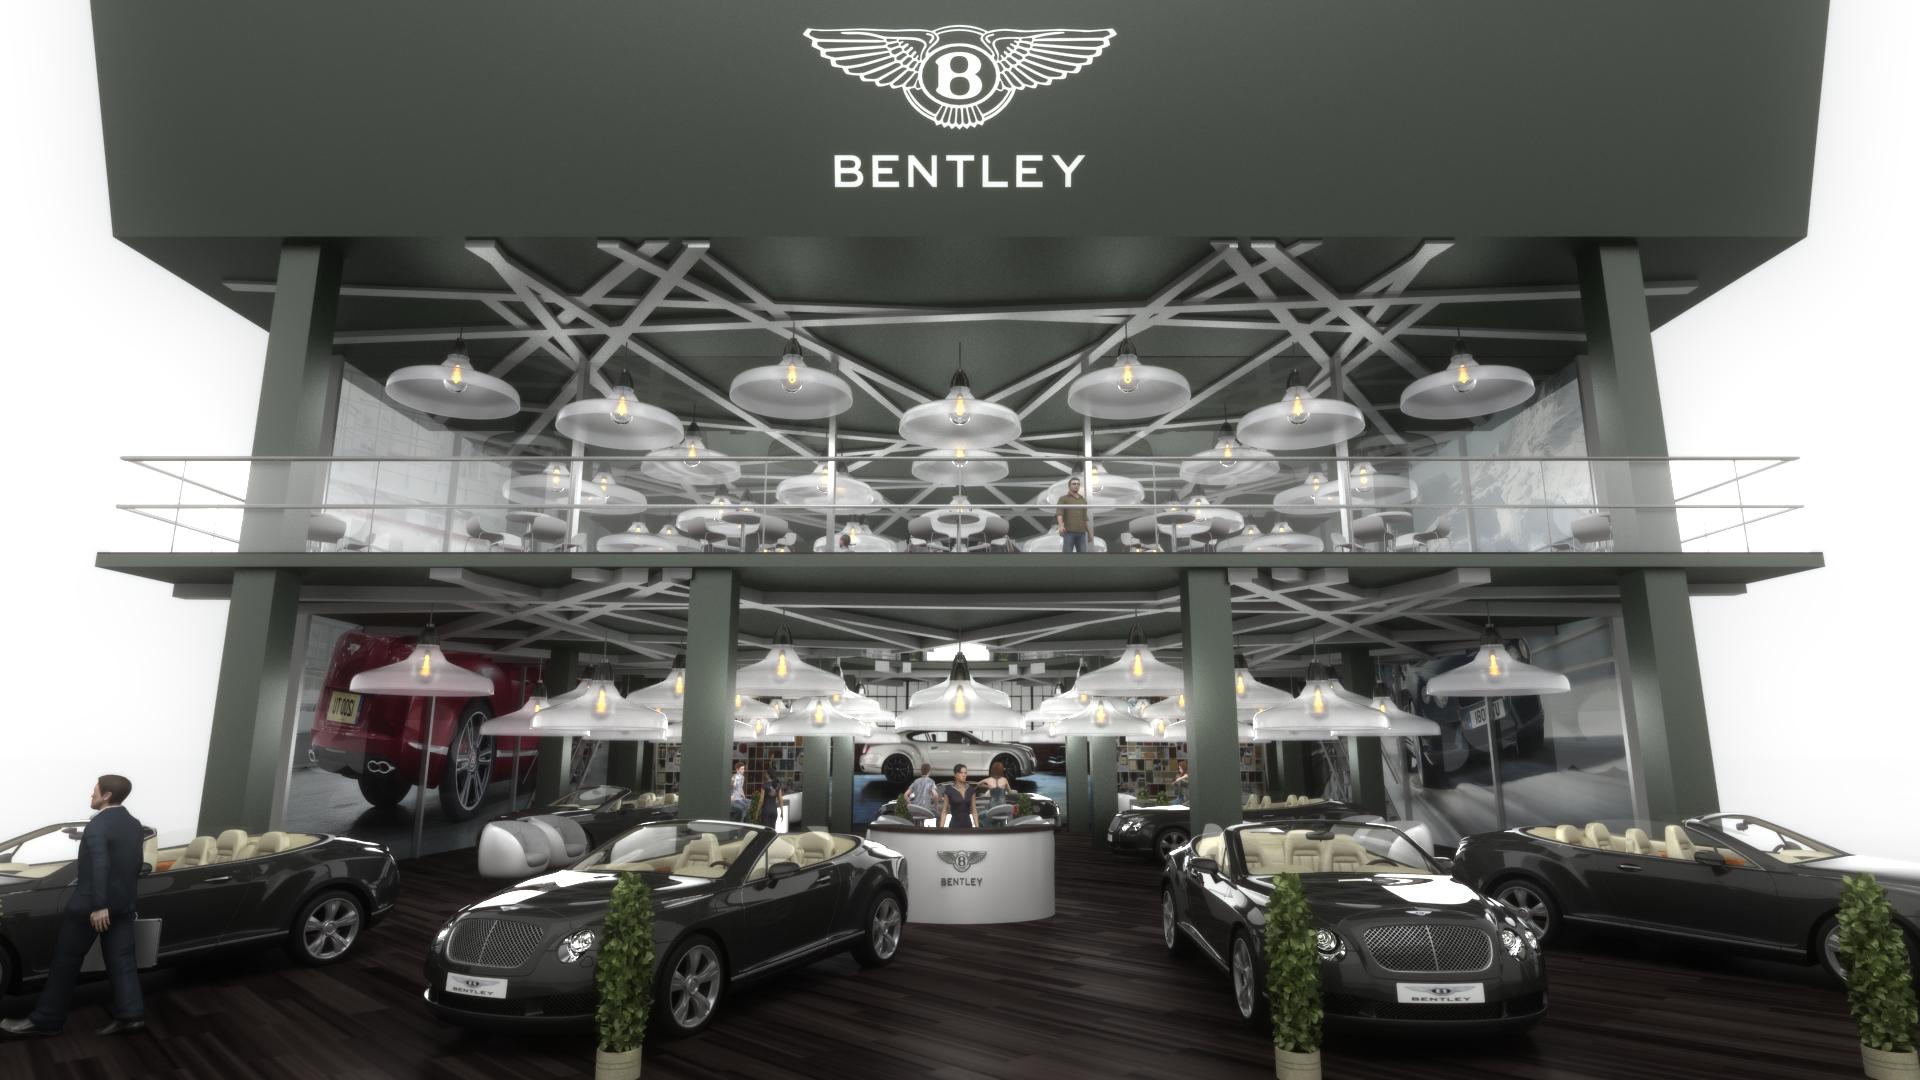 Bentley Hospitality 0002.jpg